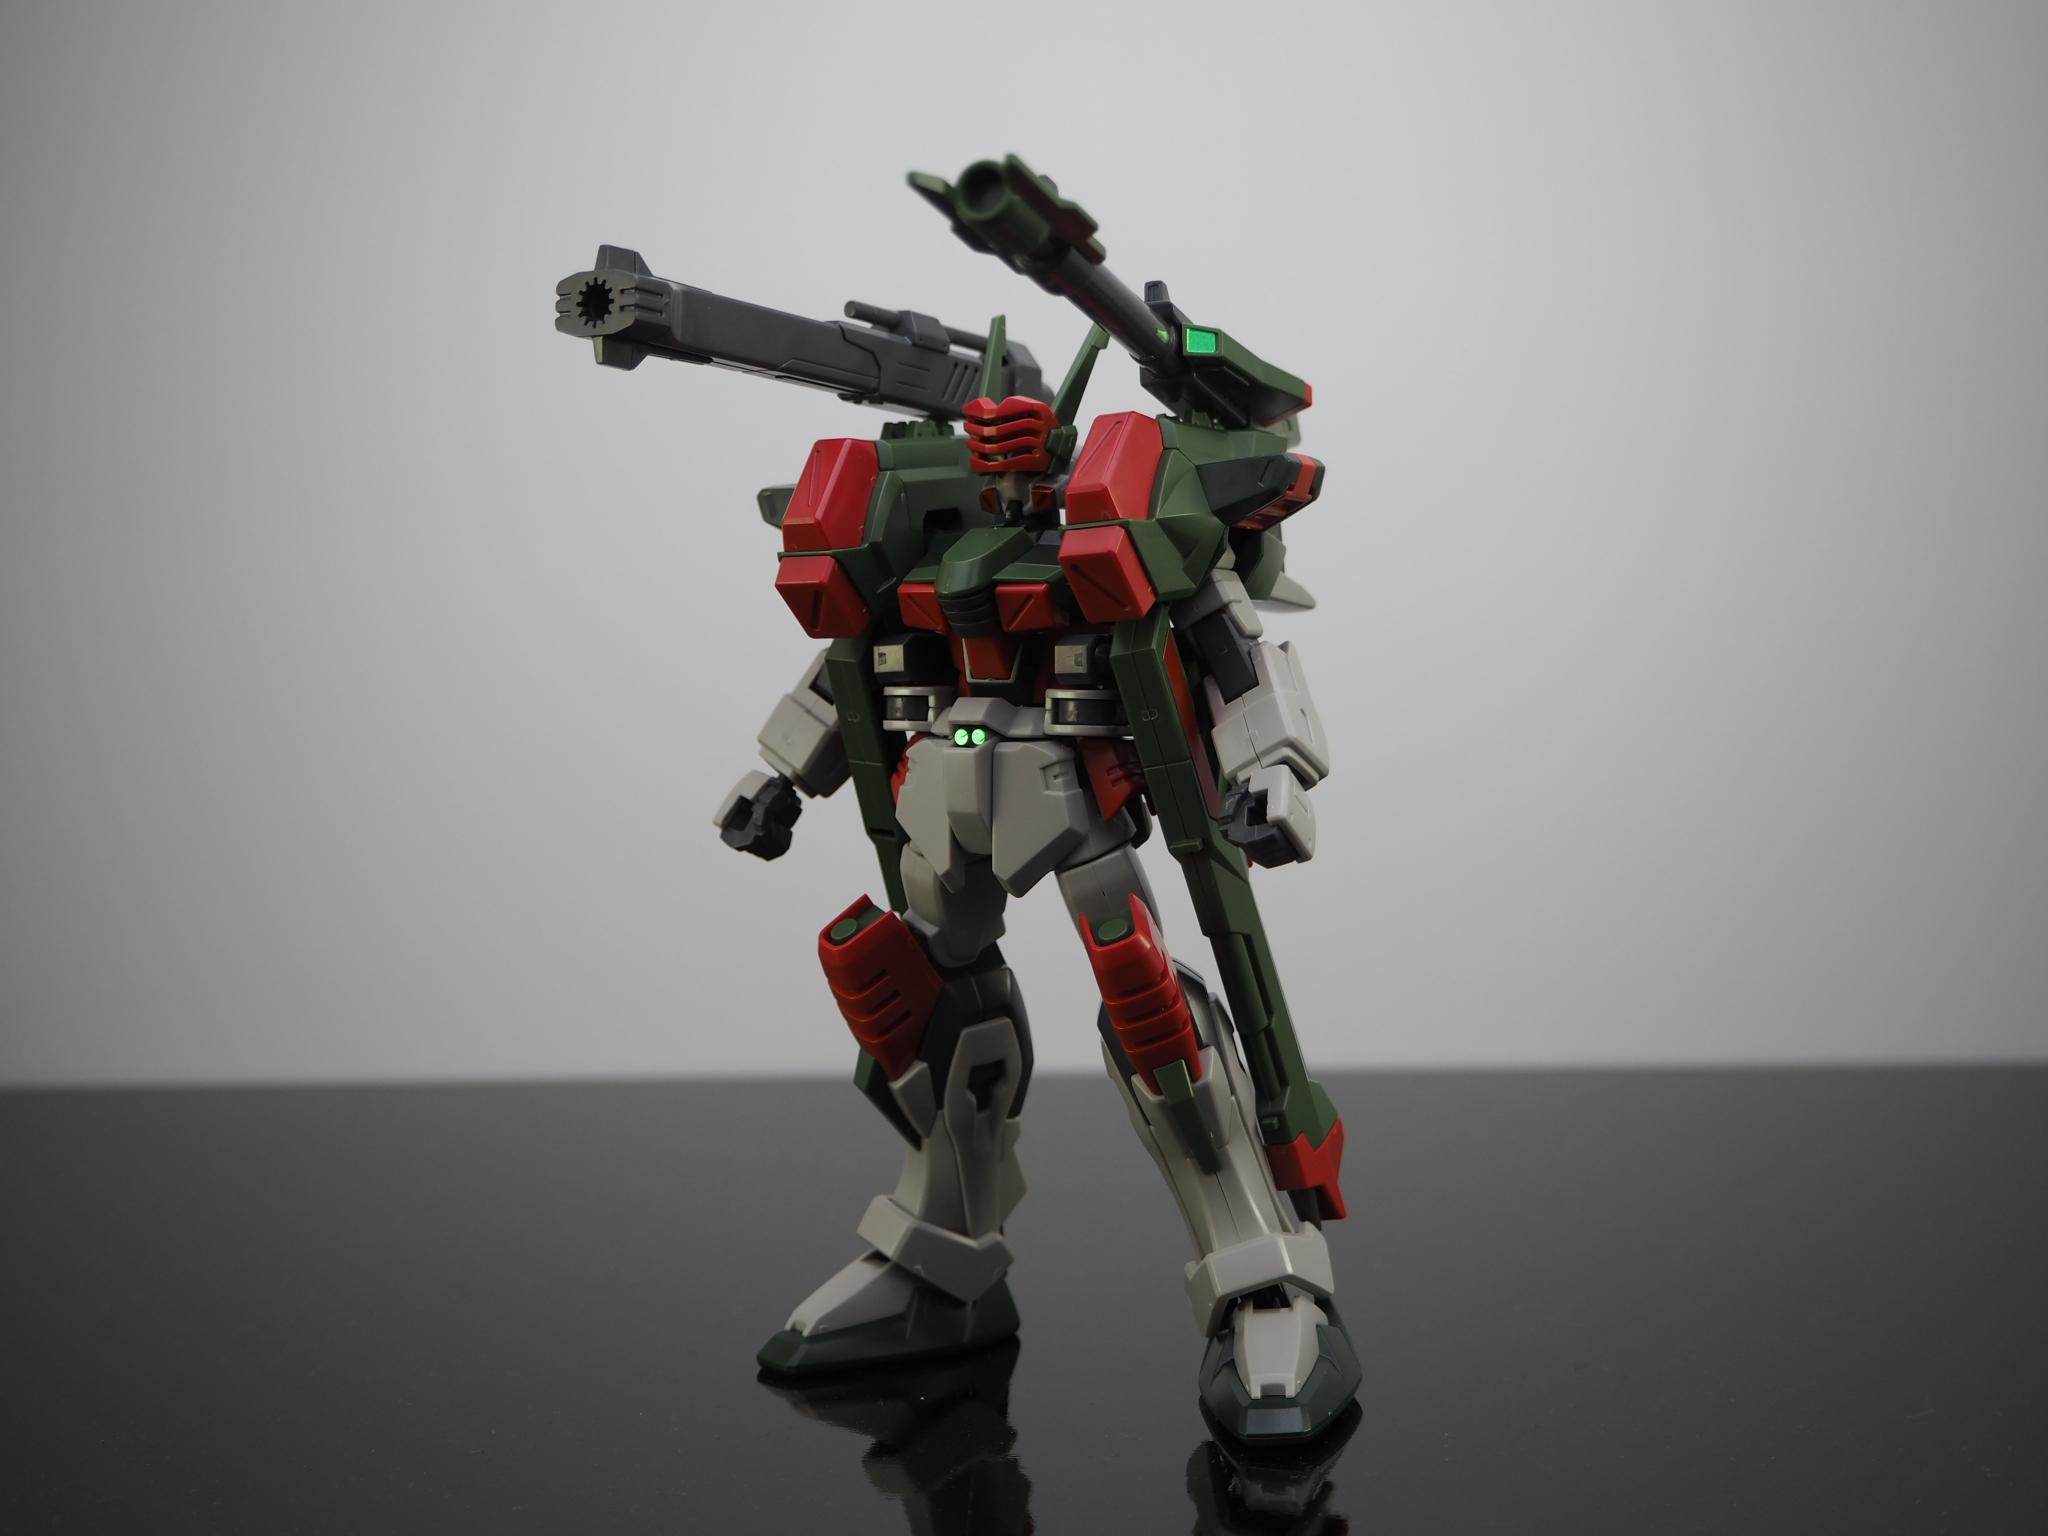 HG 1/144 GAT-X103AP ヴェルデバスターガンダム [Verde Buster]